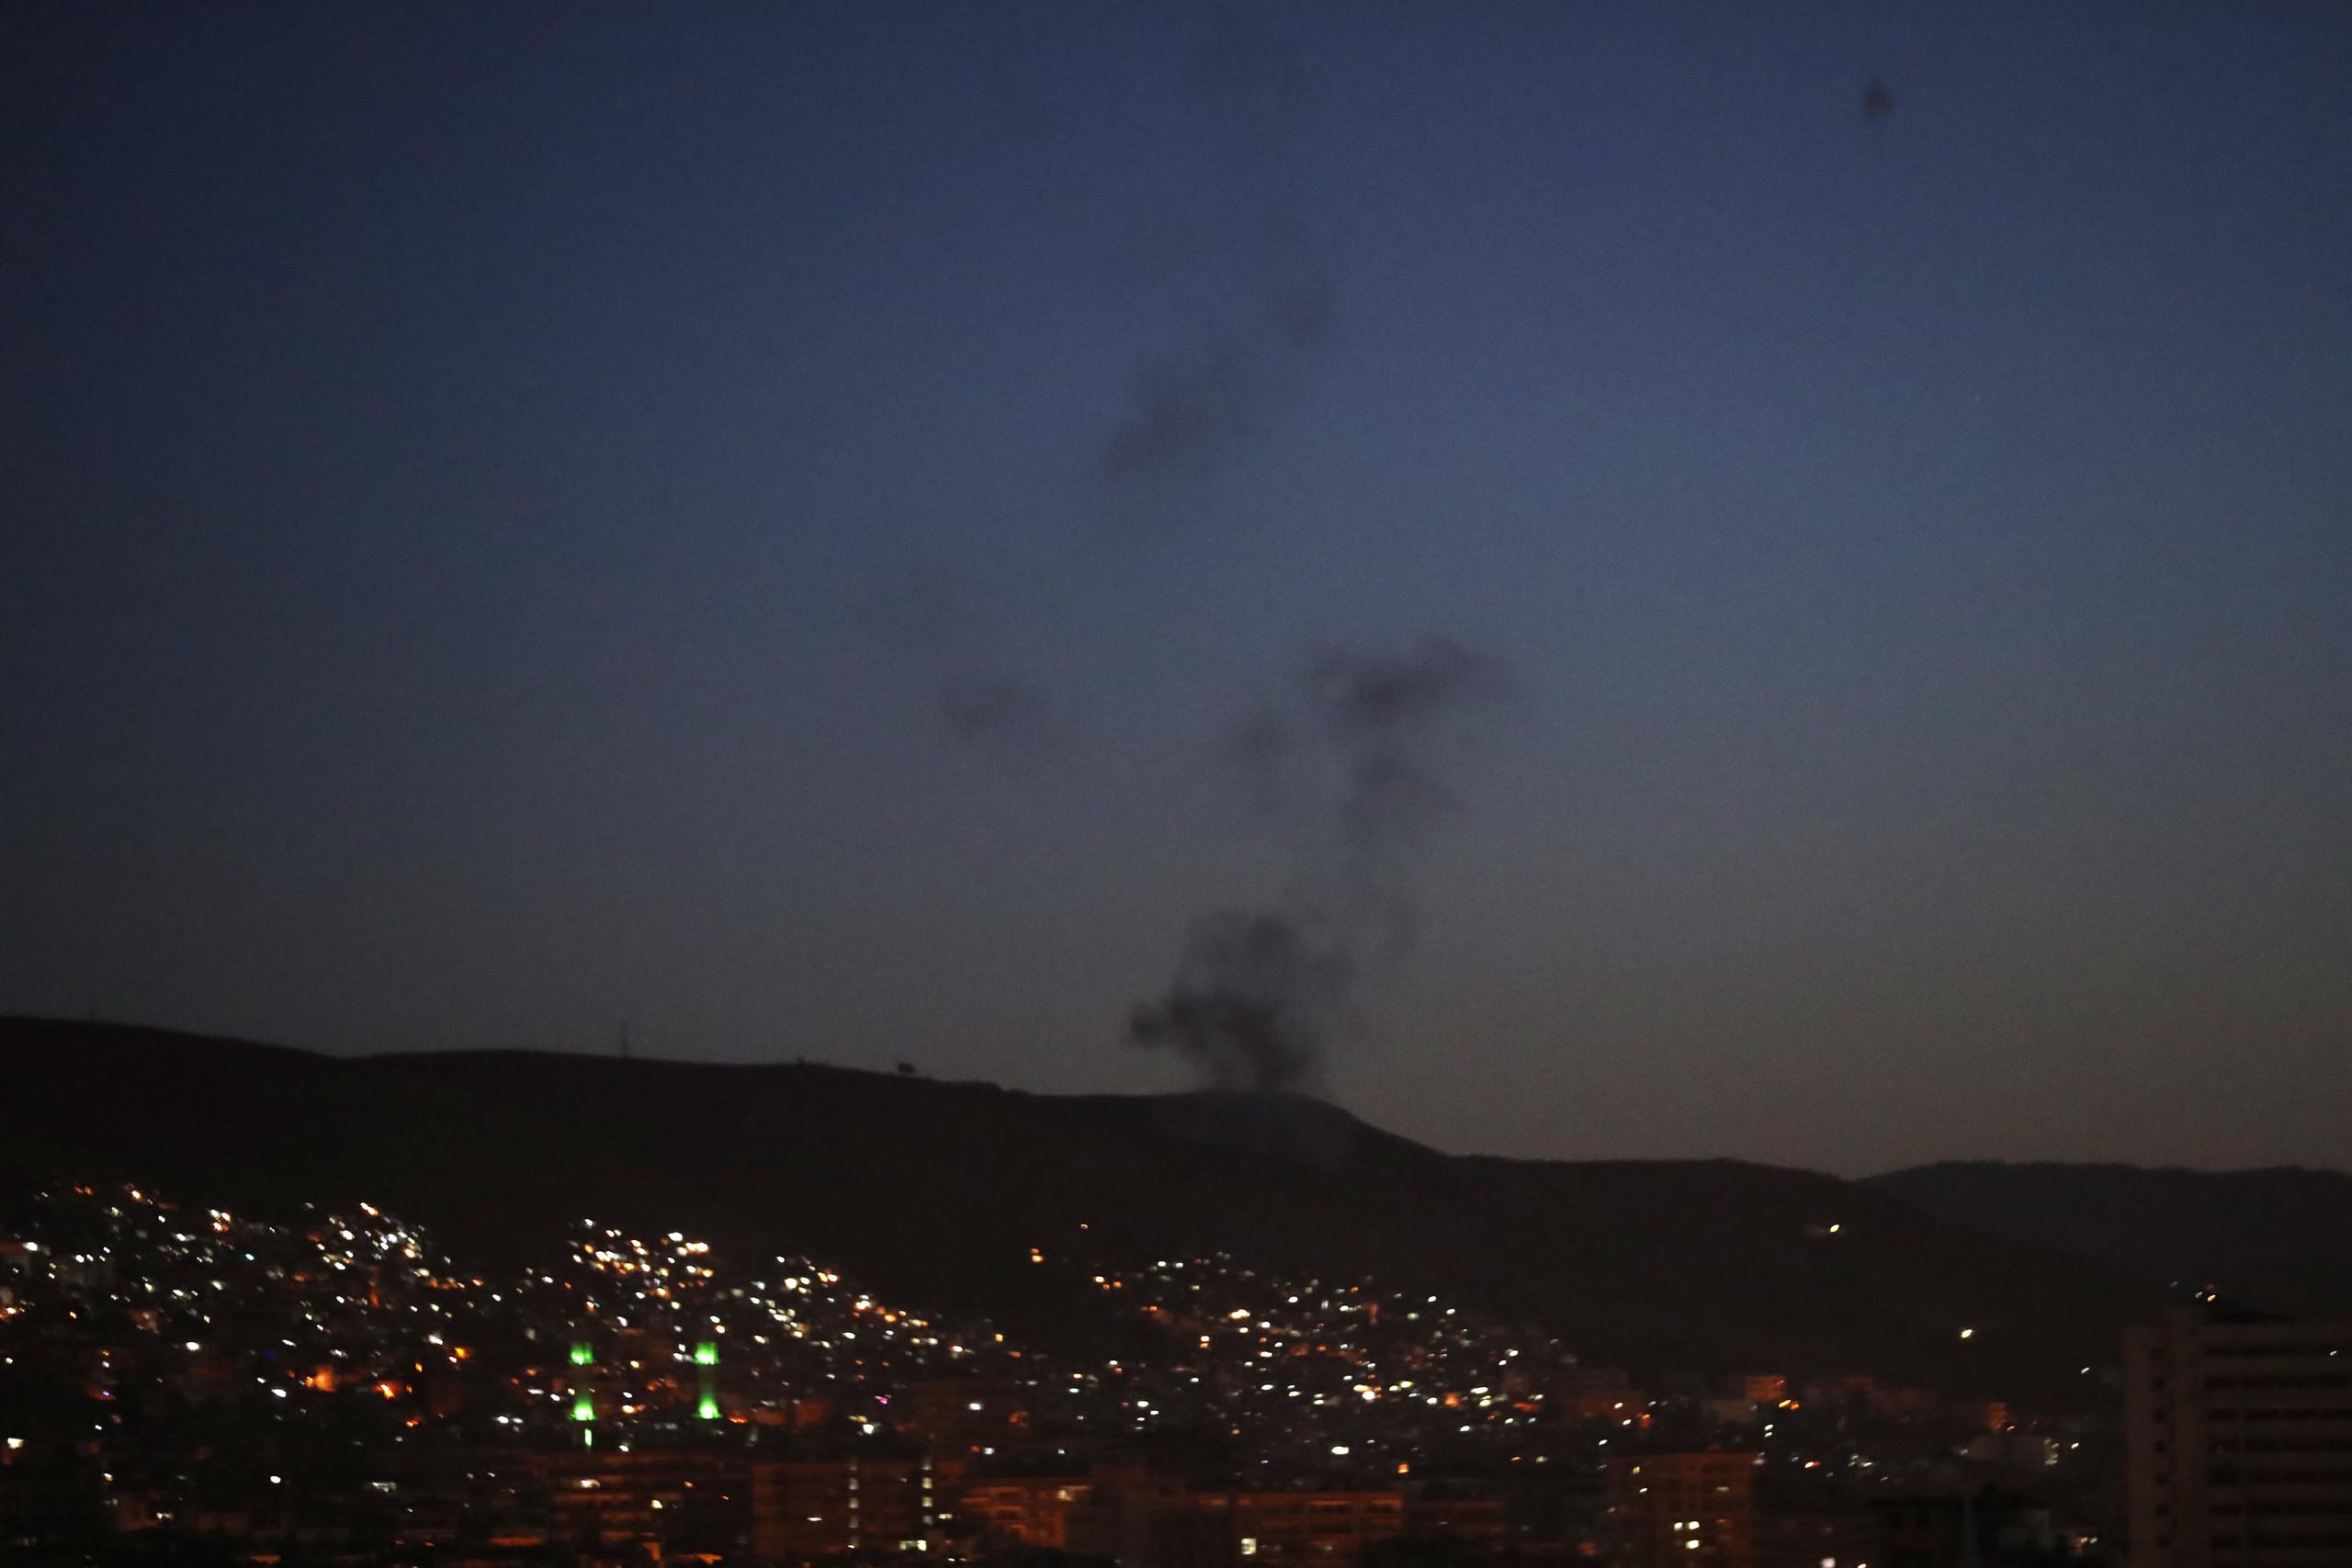 بالصور صور عن سوريا , صور قاسيه من سوريا الحبيبه 2901 7